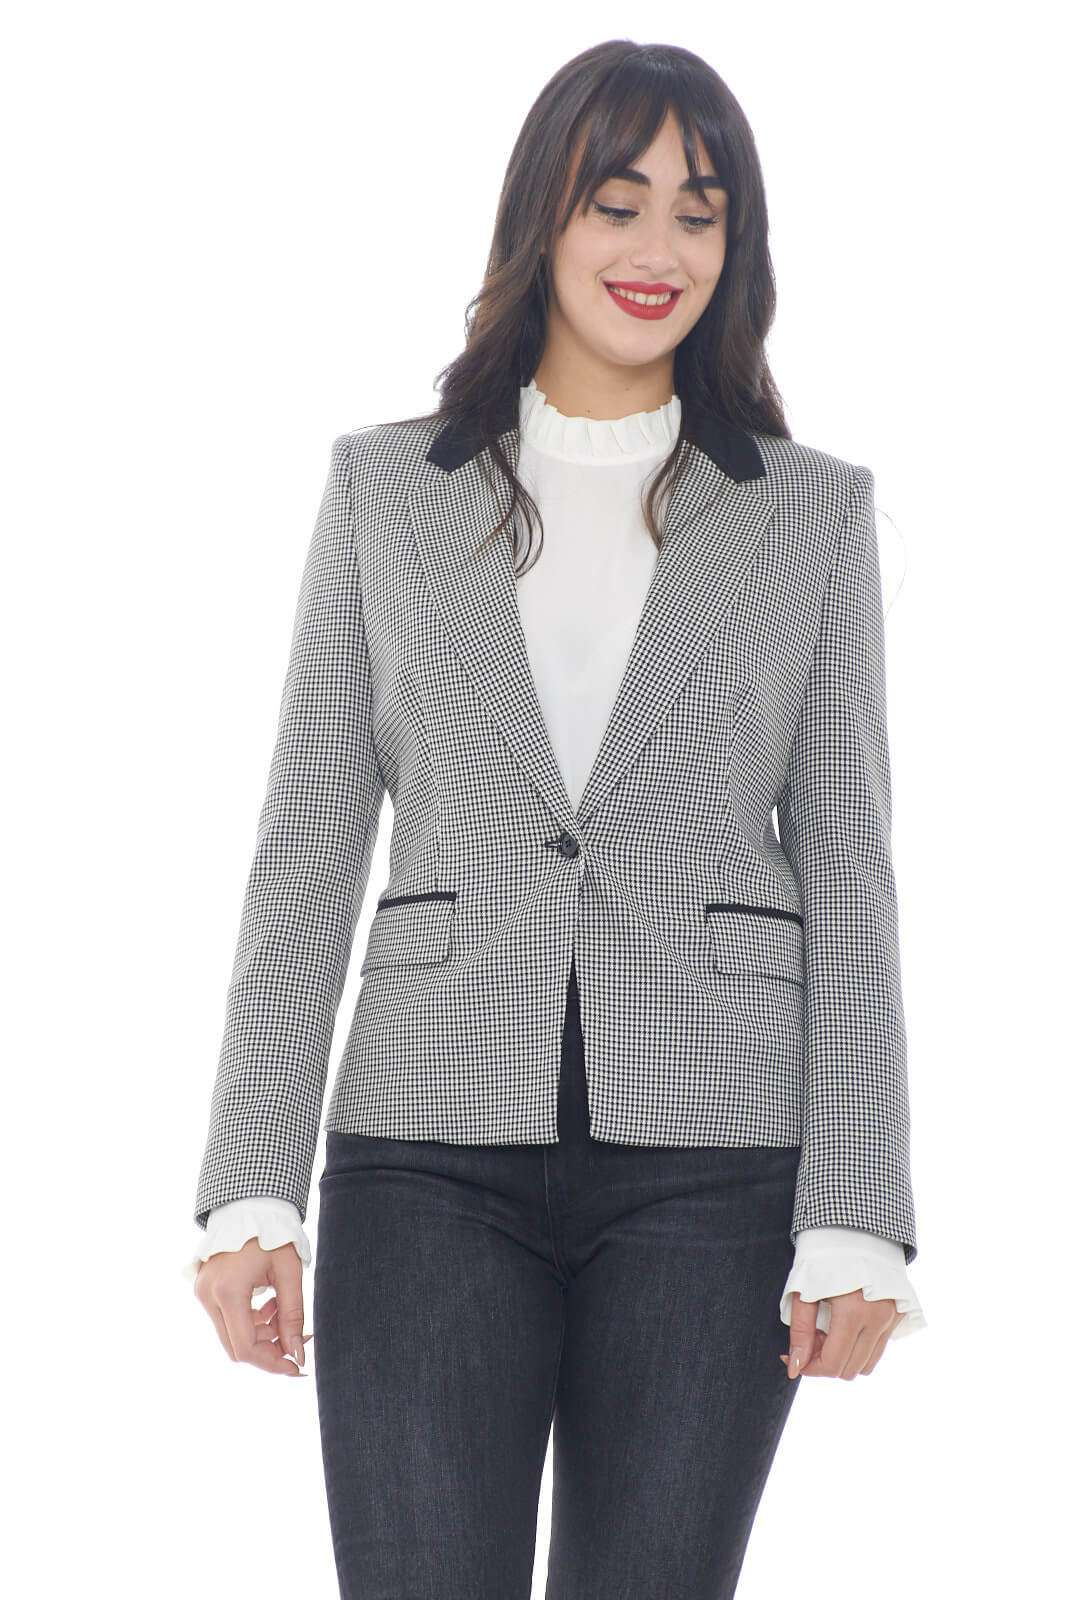 Giacca elegante e raffinata, caratterizzata da una marcata fantasia pied de poule, quella firmata Liu Jo. Perfetta per outfit classici e formali, da indossare in ufficio, o nelle evenienze più formali.  la modella è alta 1,78m e indossa la taglia 42.